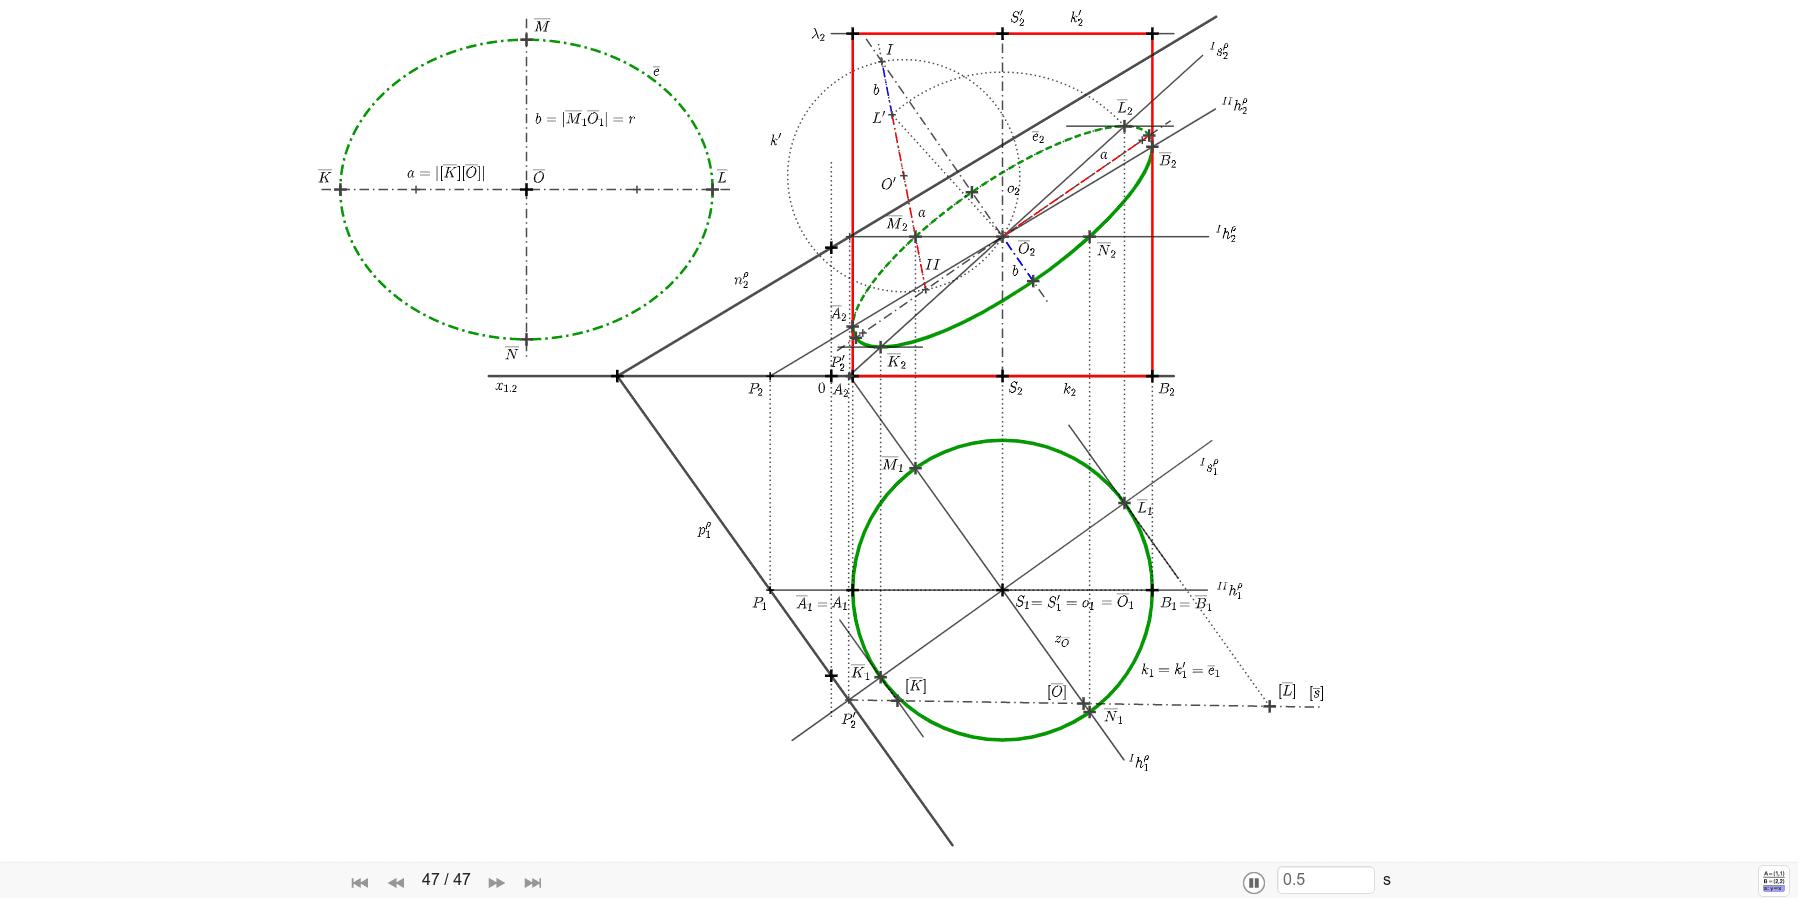 Příklad: Sestrojte řez rotačního válce rovinou ρ=(-5; 7; 3). Válec je dán osou  o=SS´ a poloměrem kružnice podstavy r=3,5, S=[4; 5; 0], S'=[4; 5; 8]. Sestrojte skutečnou velikost řezu. Zahajte aktivitu stisknutím klávesy Enter